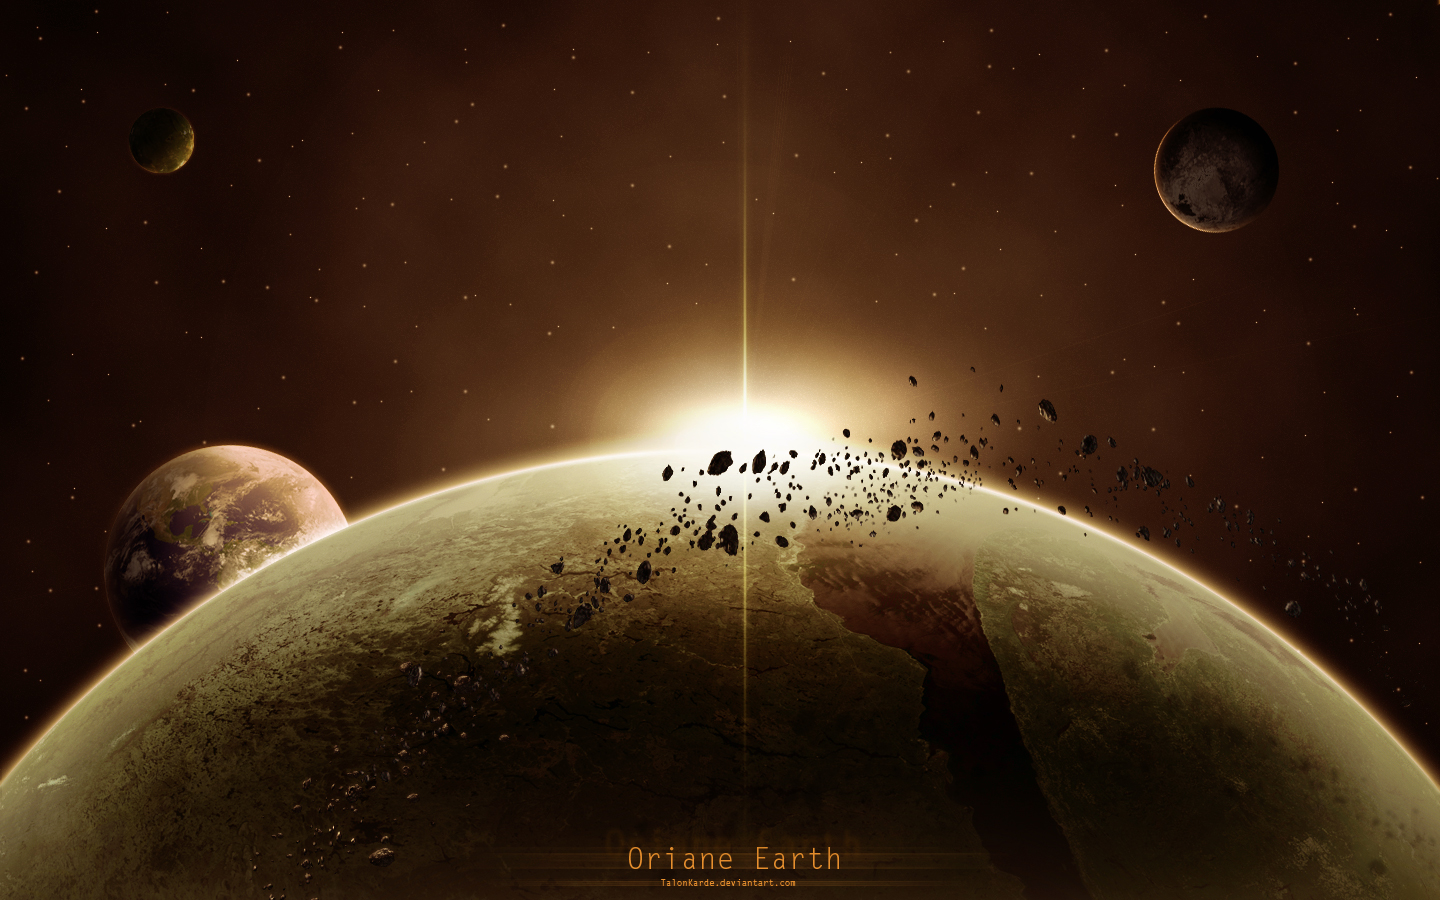 Oriane Earth by TalonKarde